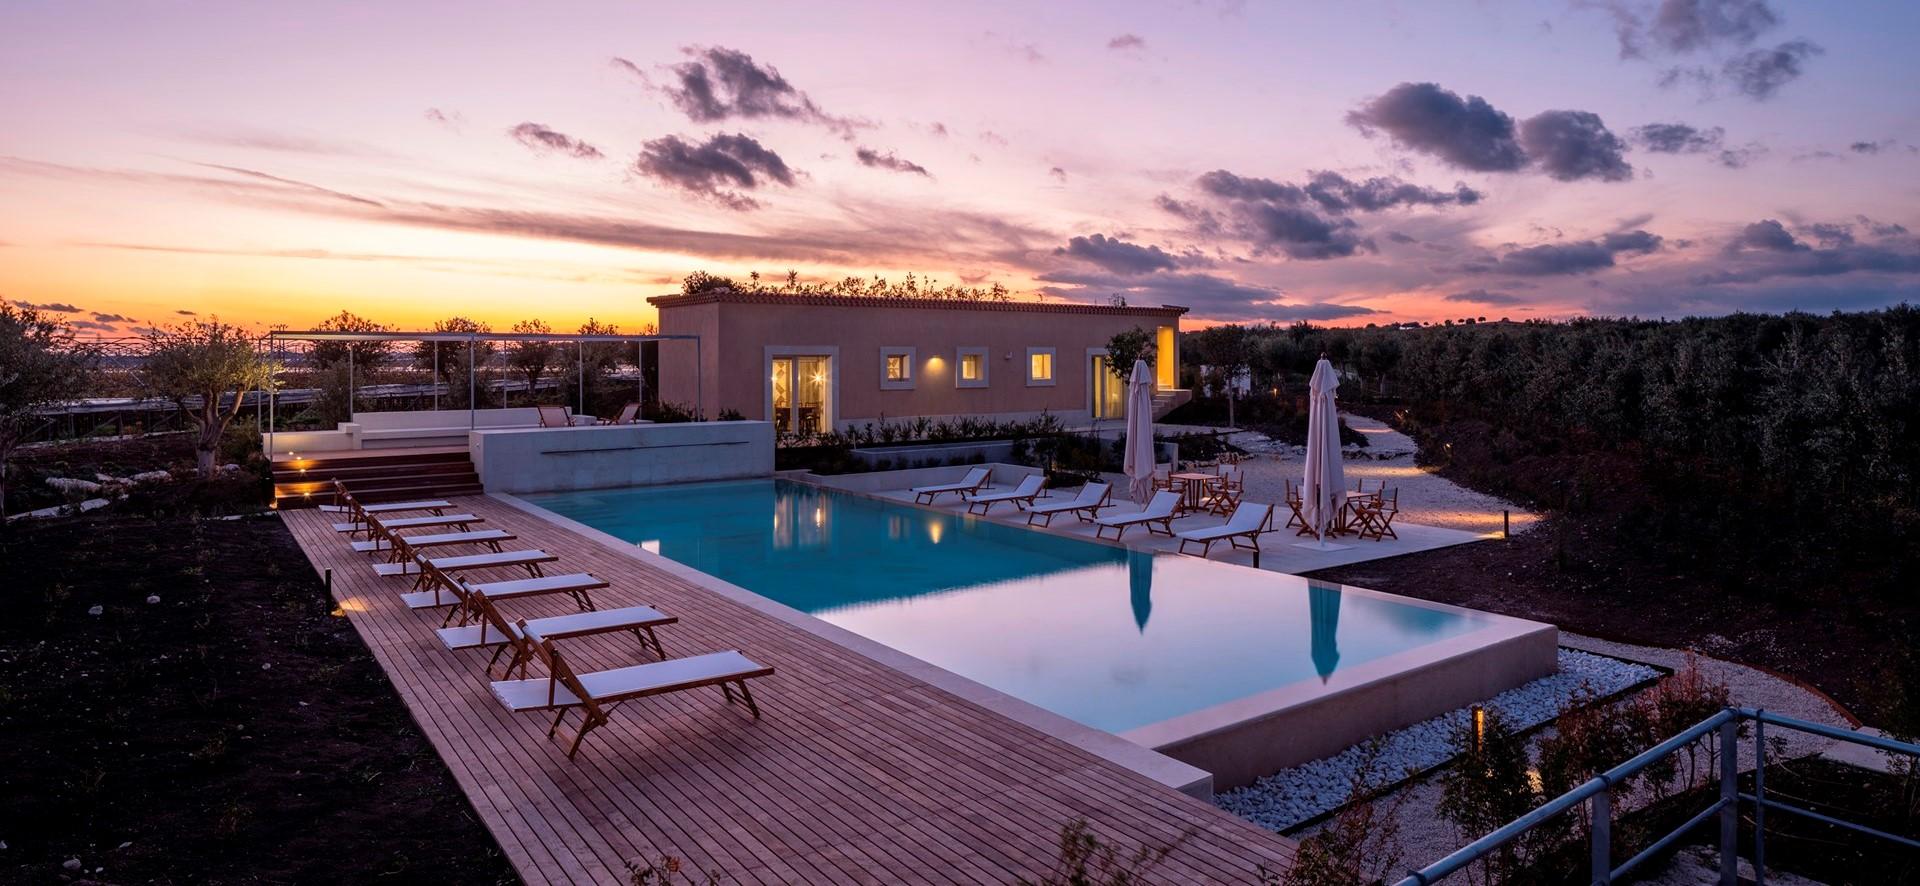 luxury-6-bed-villa-sicily-pool-twilight.